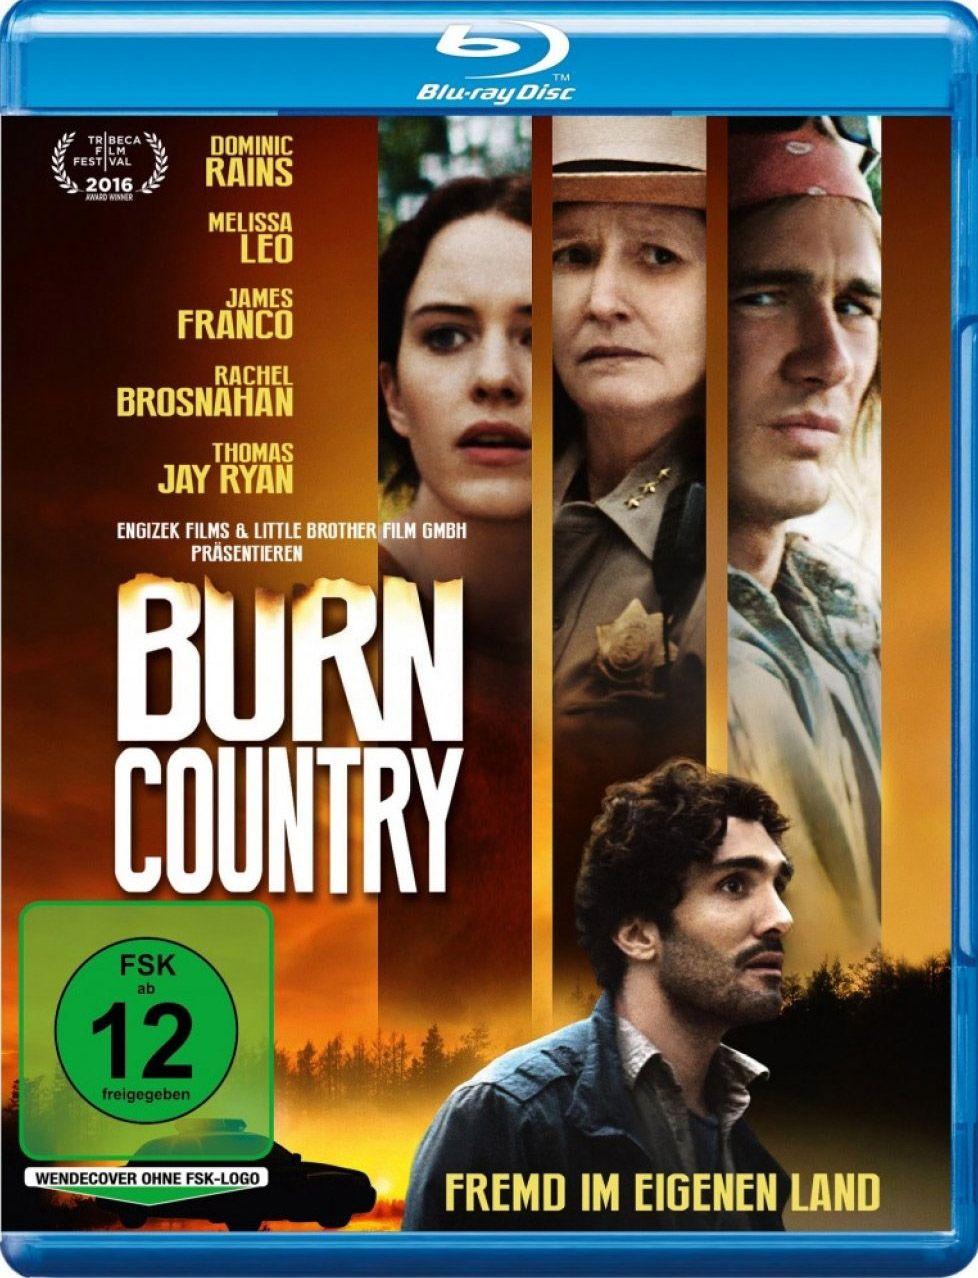 Burn Country - Fremd im eigenen Land (BLURAY)